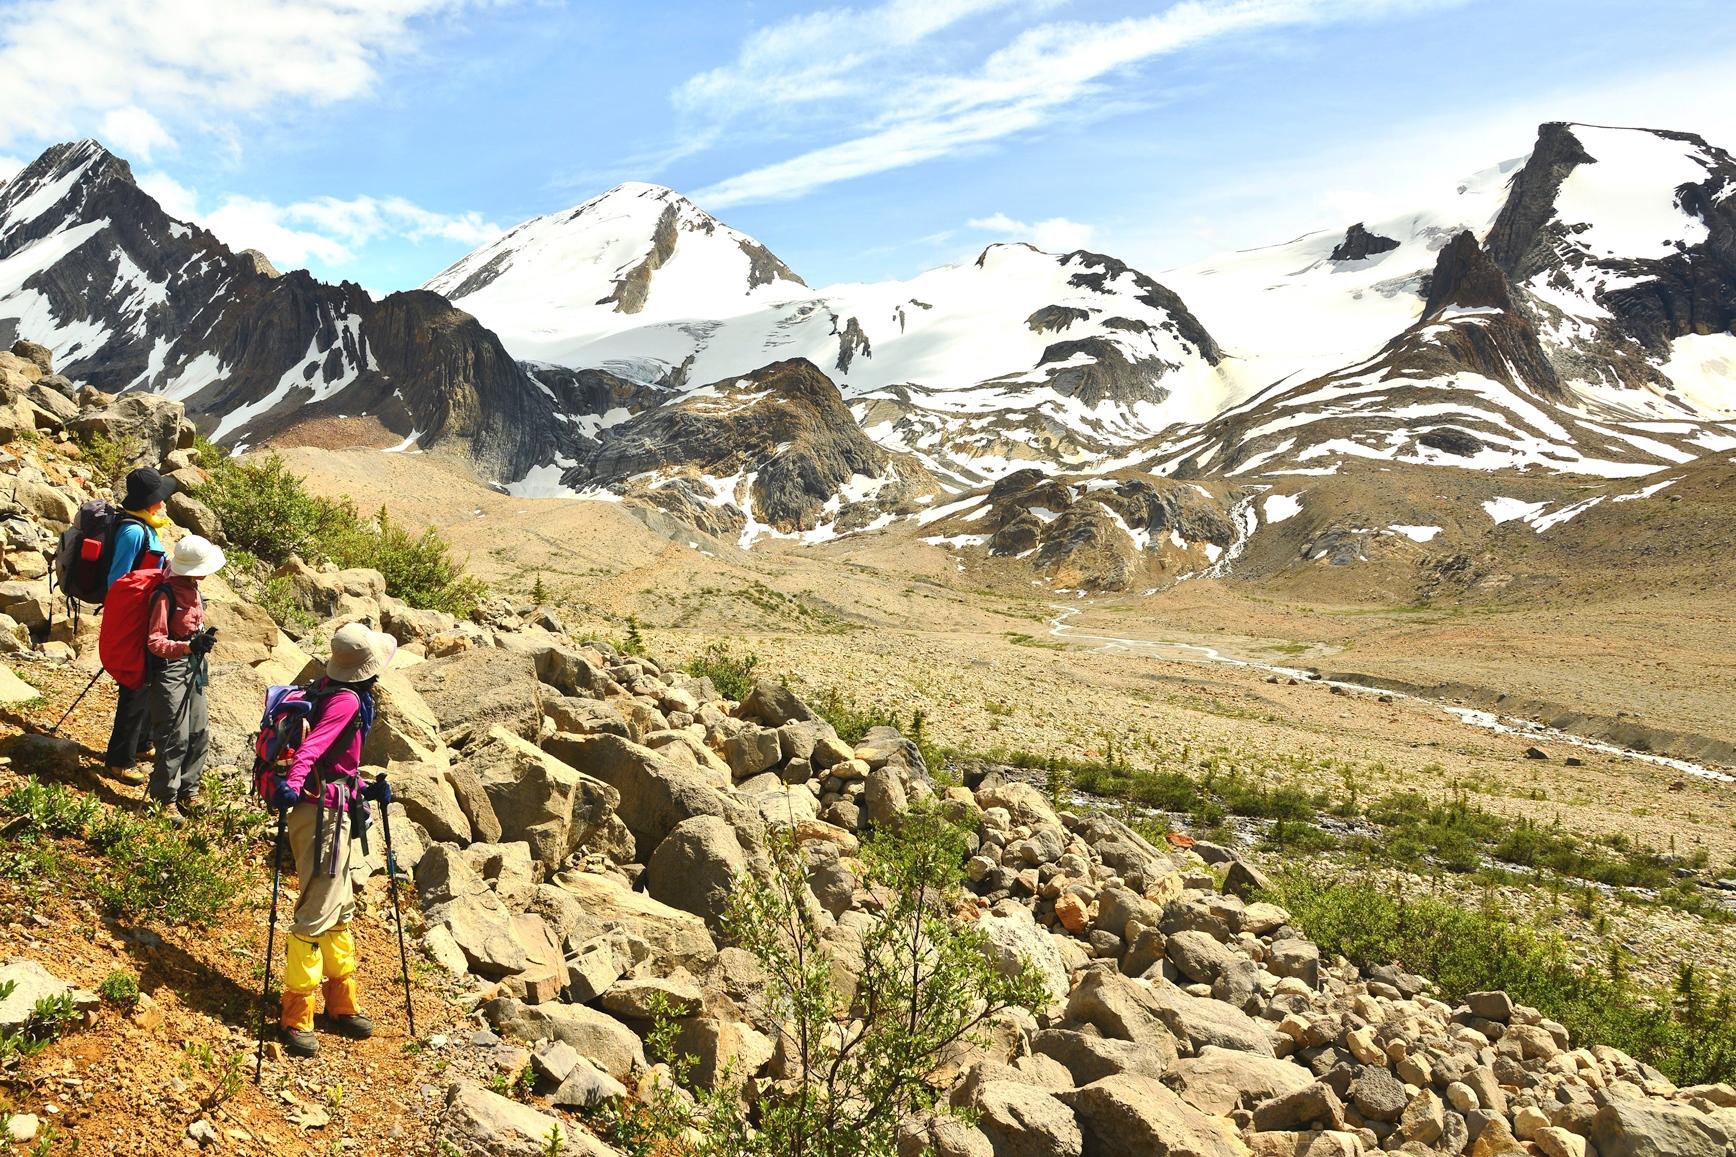 氷河を抱く3,000m級の山々に囲まれたミスタヤエリアを縦横無尽に歩く